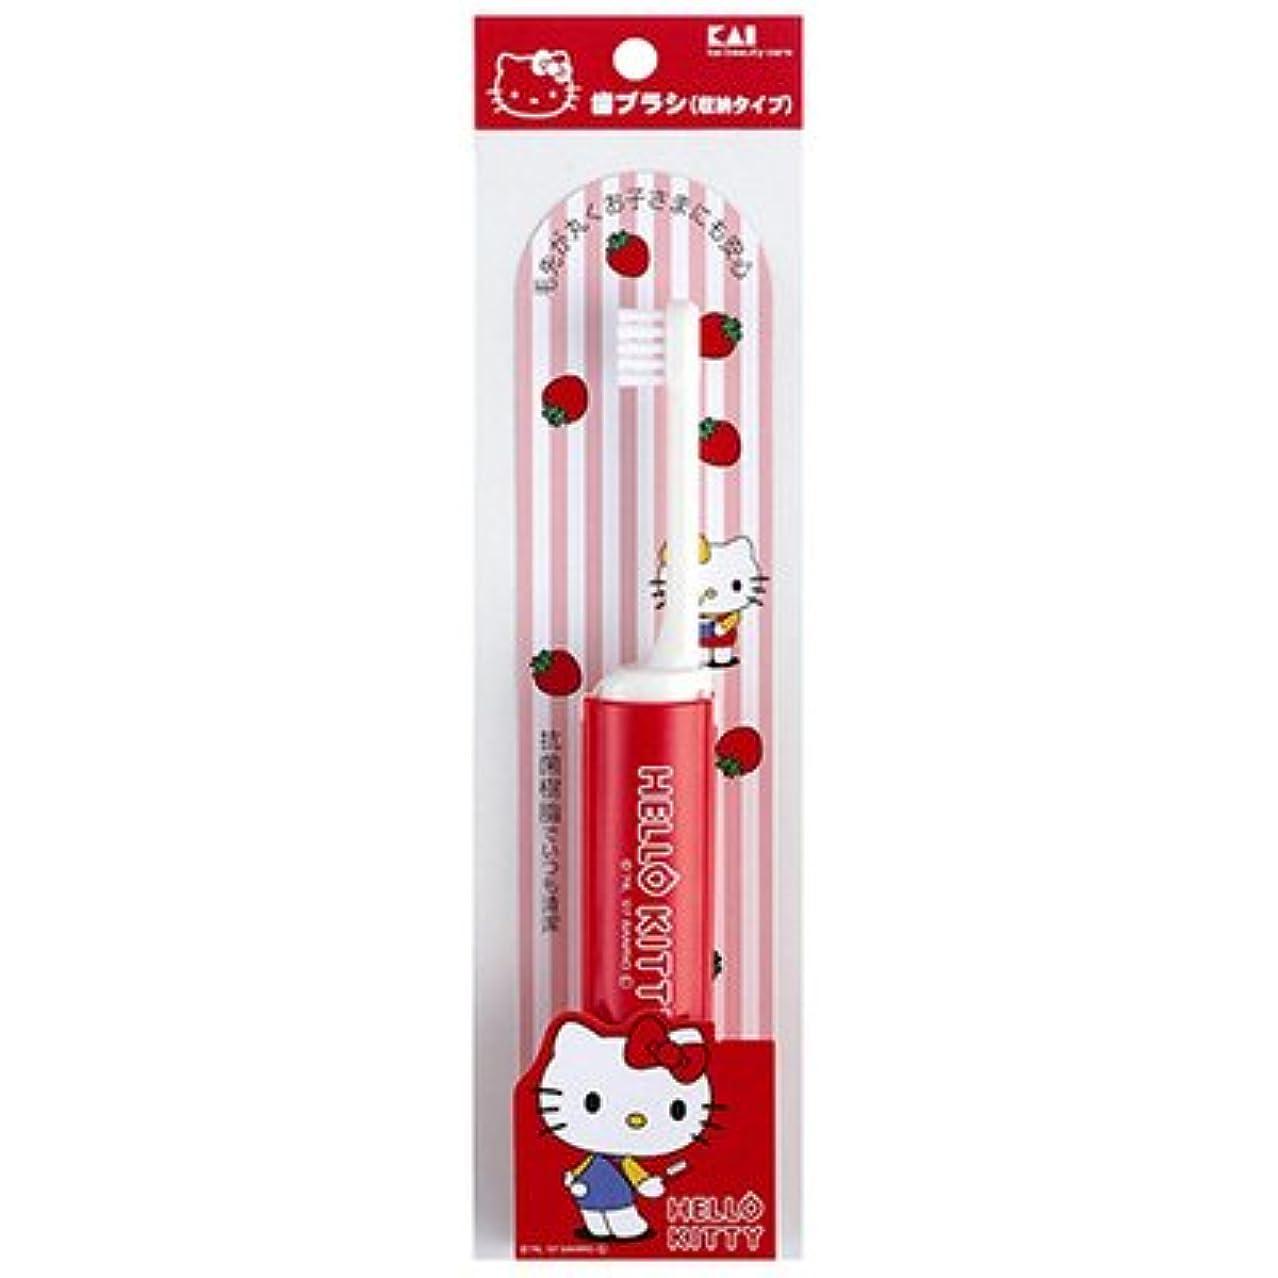 インストール緊急取得するハローキティ 歯ブラシS